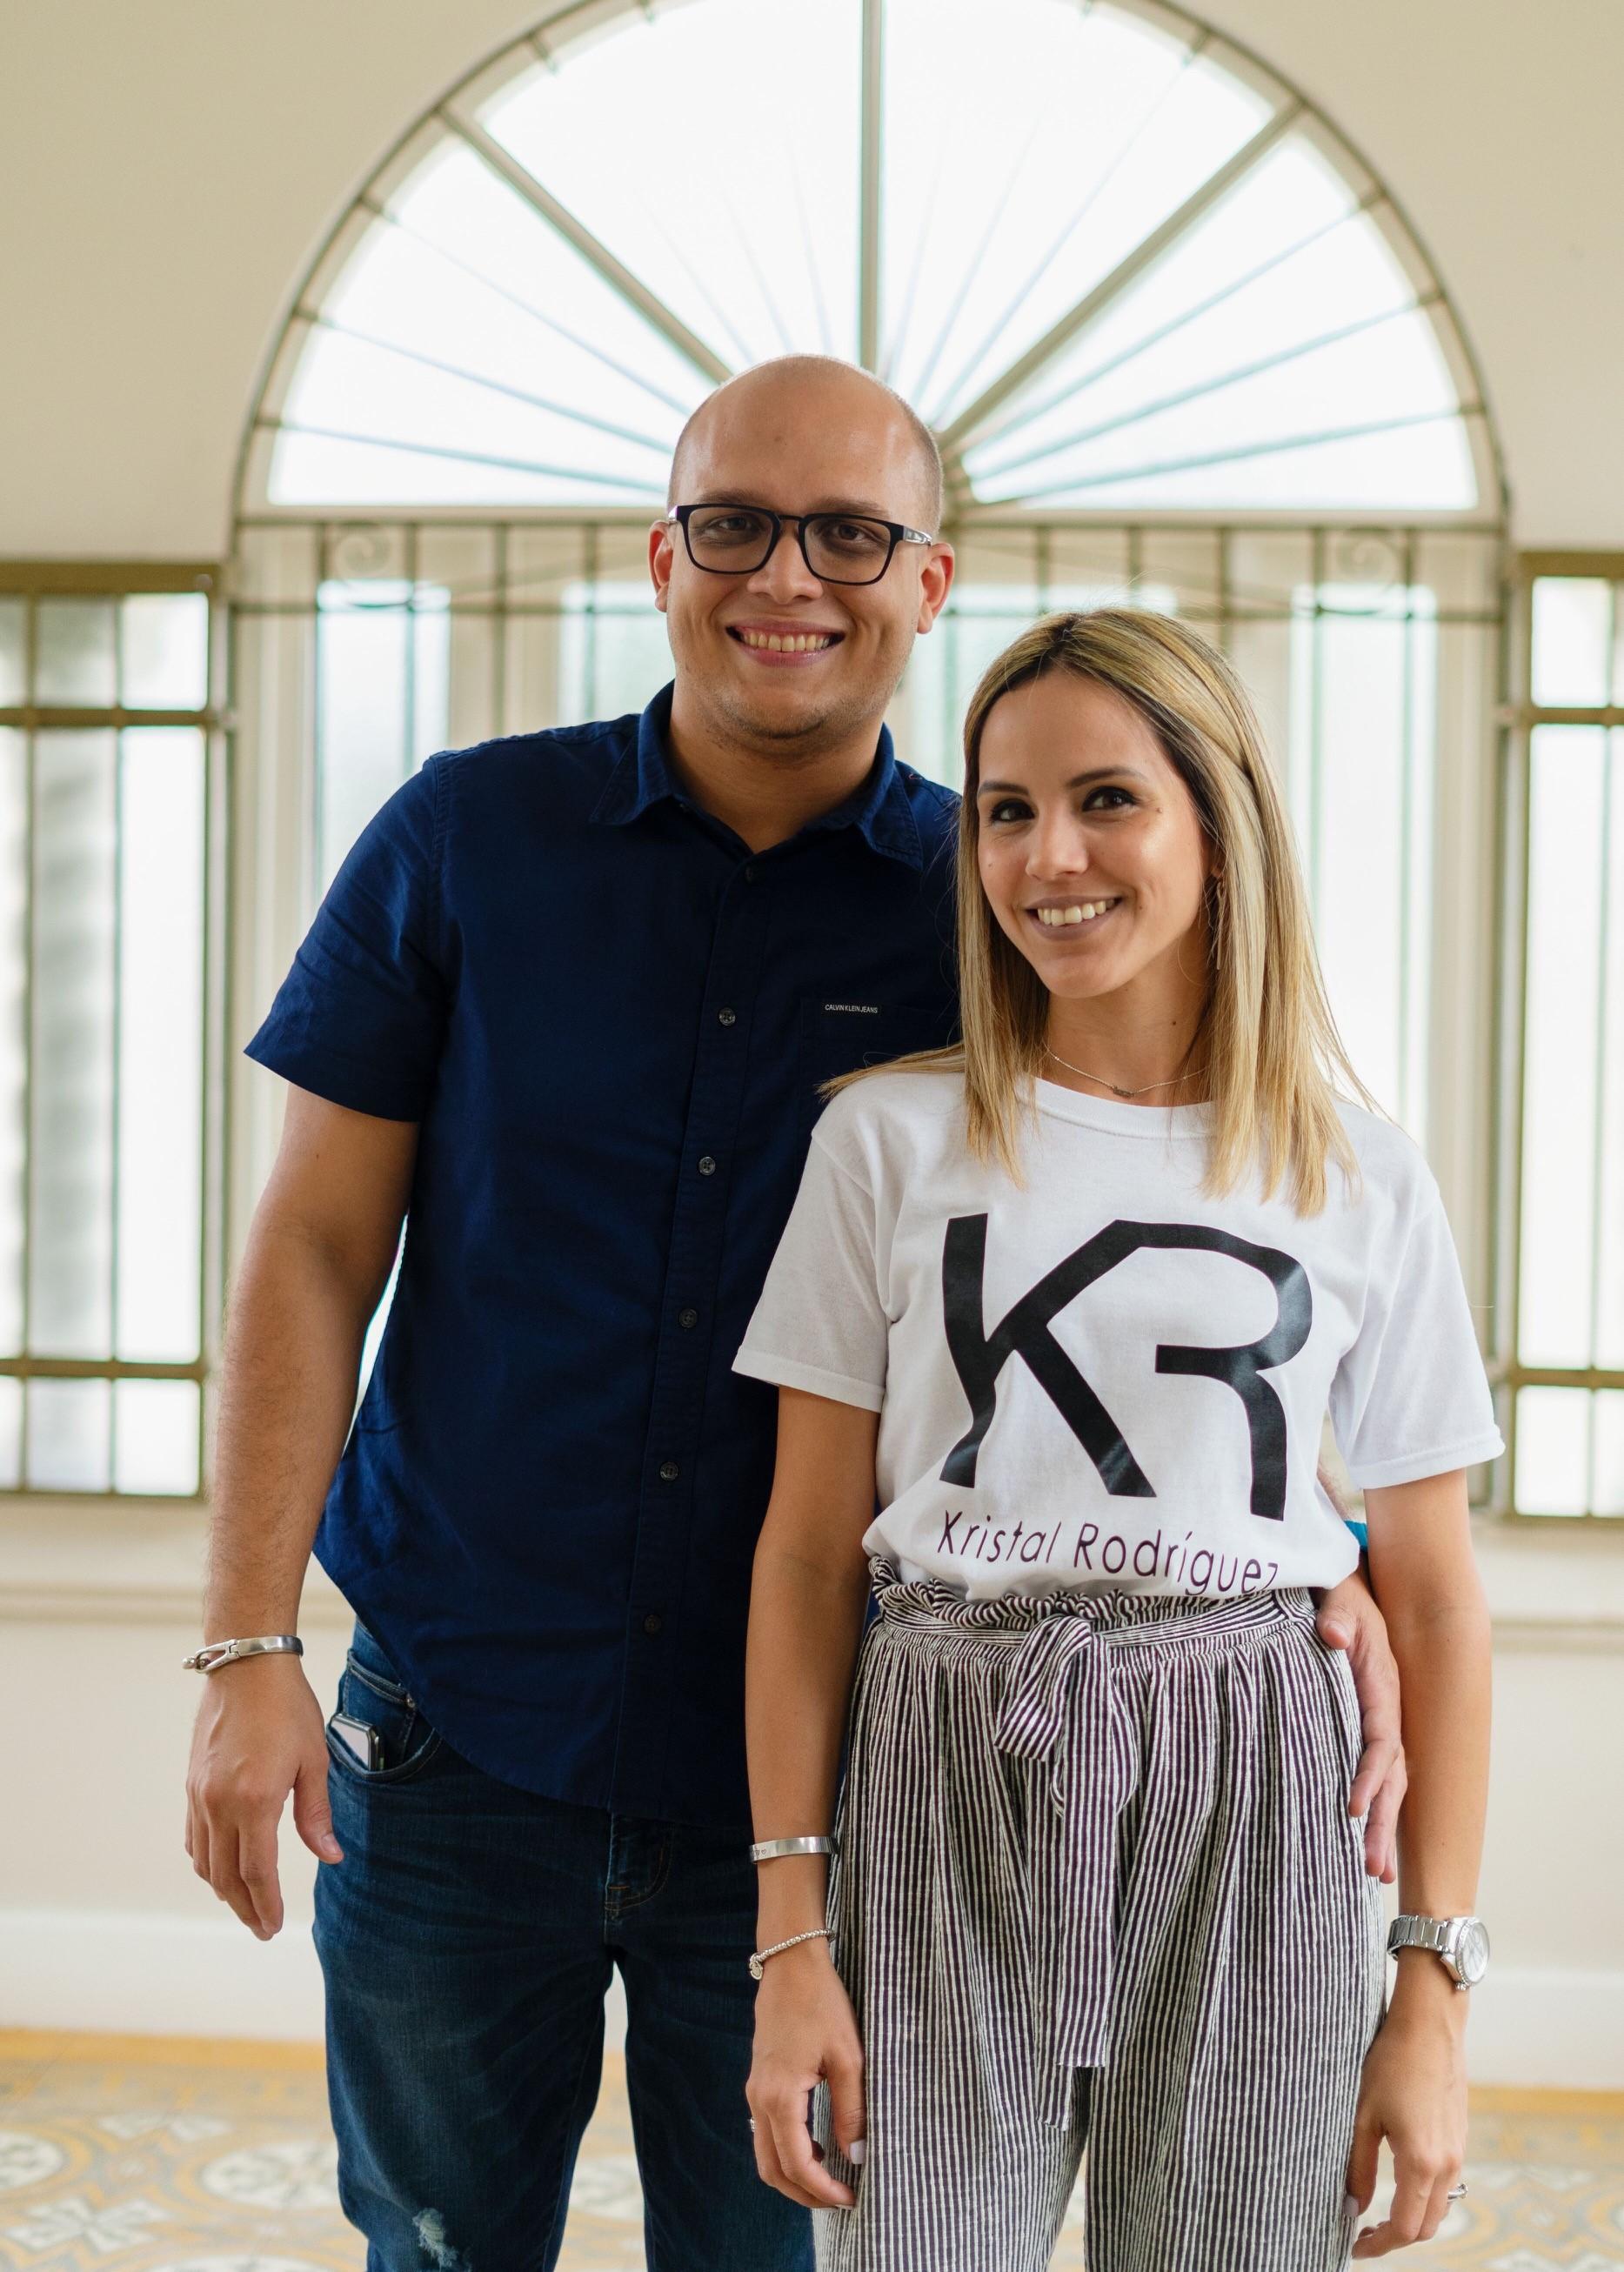 Javier Rivera y Kristal Rodríguez han encontrado la manera de unir su creatividad. (Suministrada)